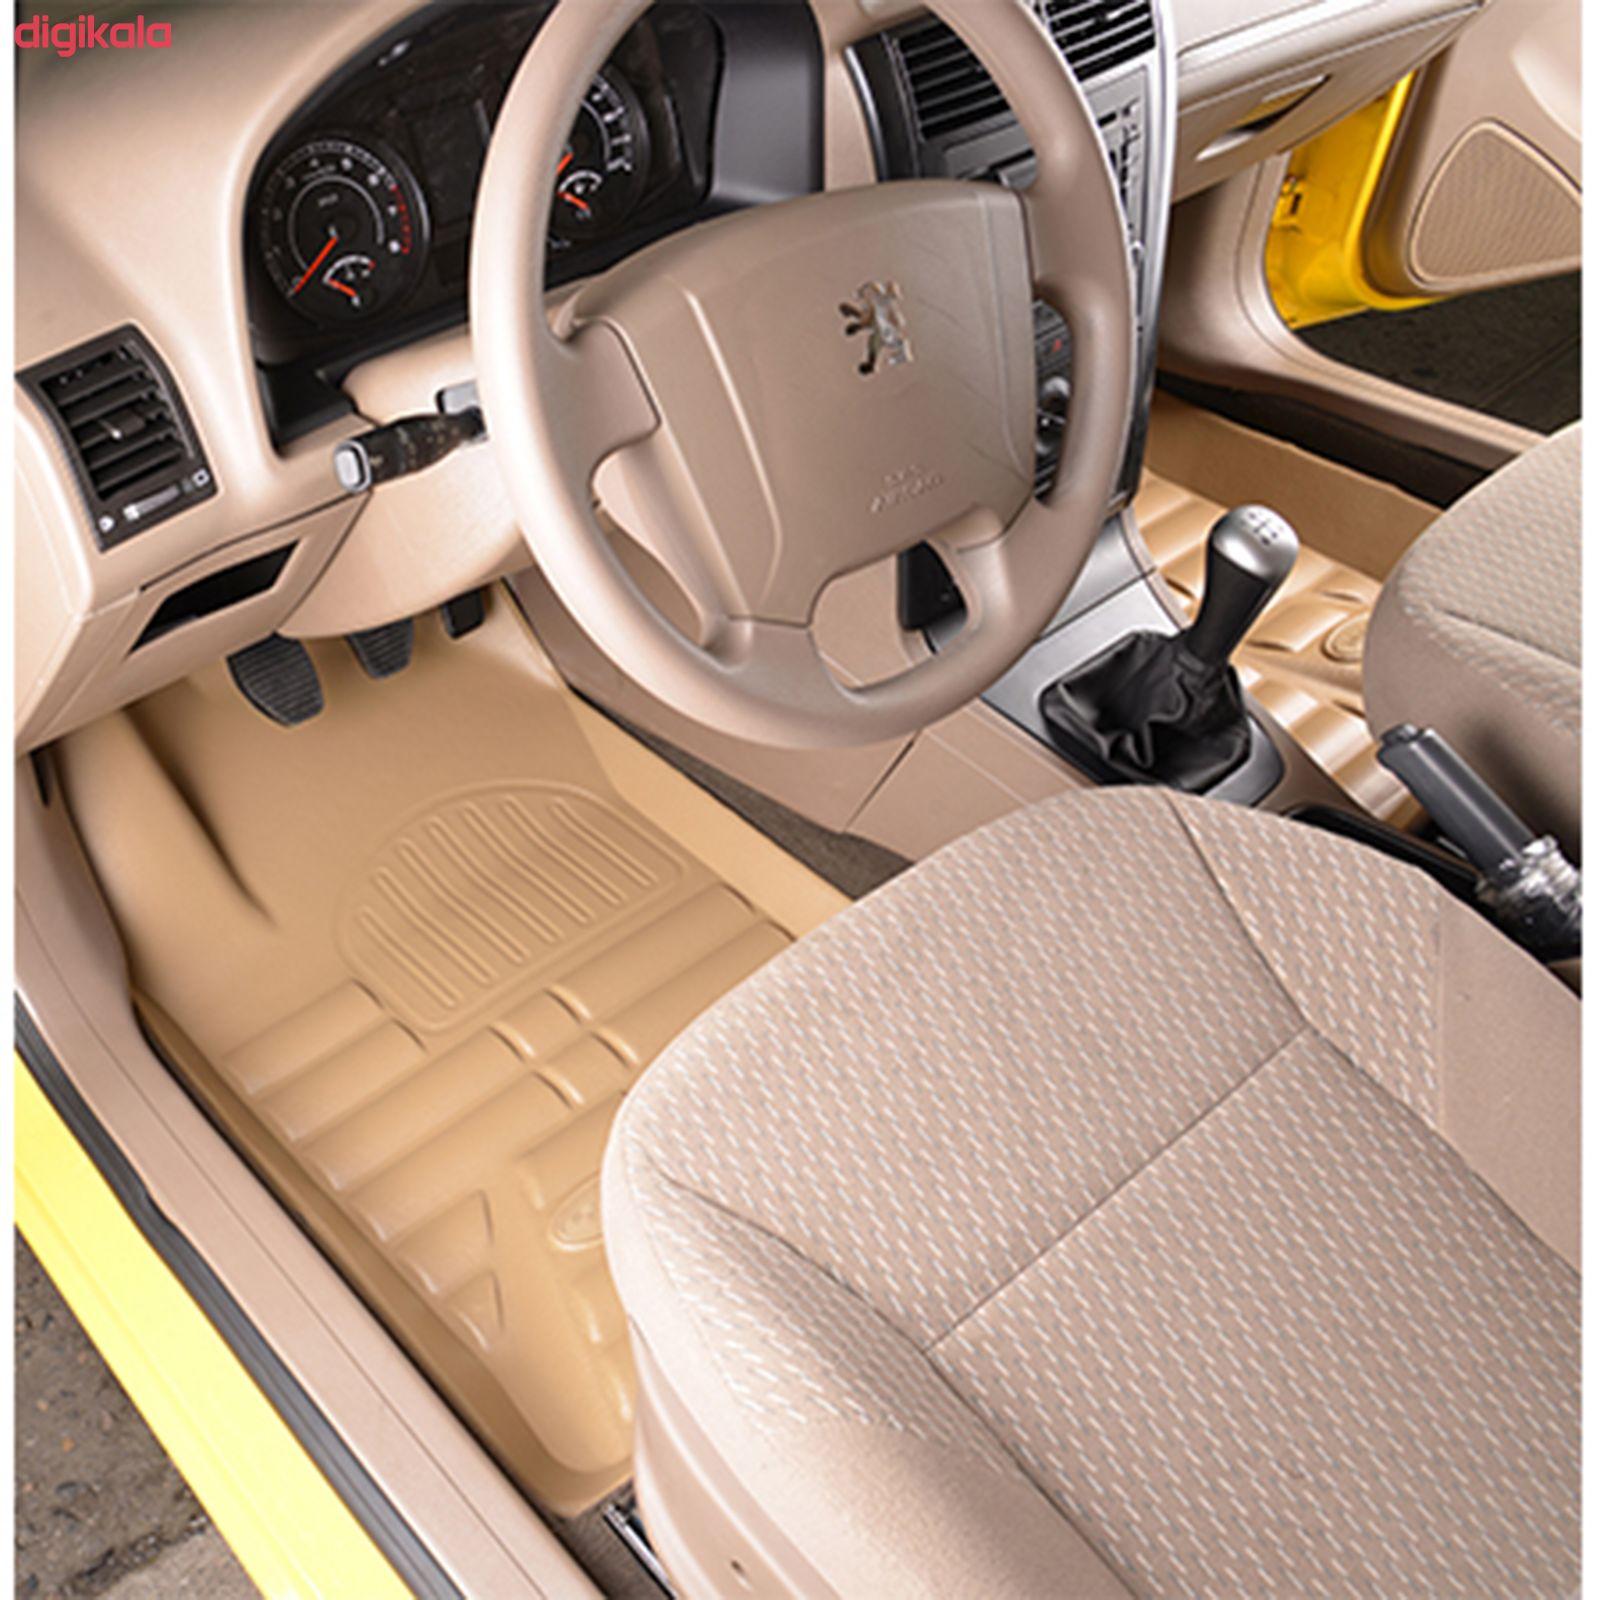 کفپوش سه بعدی خودرو بابل کارپت مدل ch12145 مناسب برای پژو پارس main 1 1